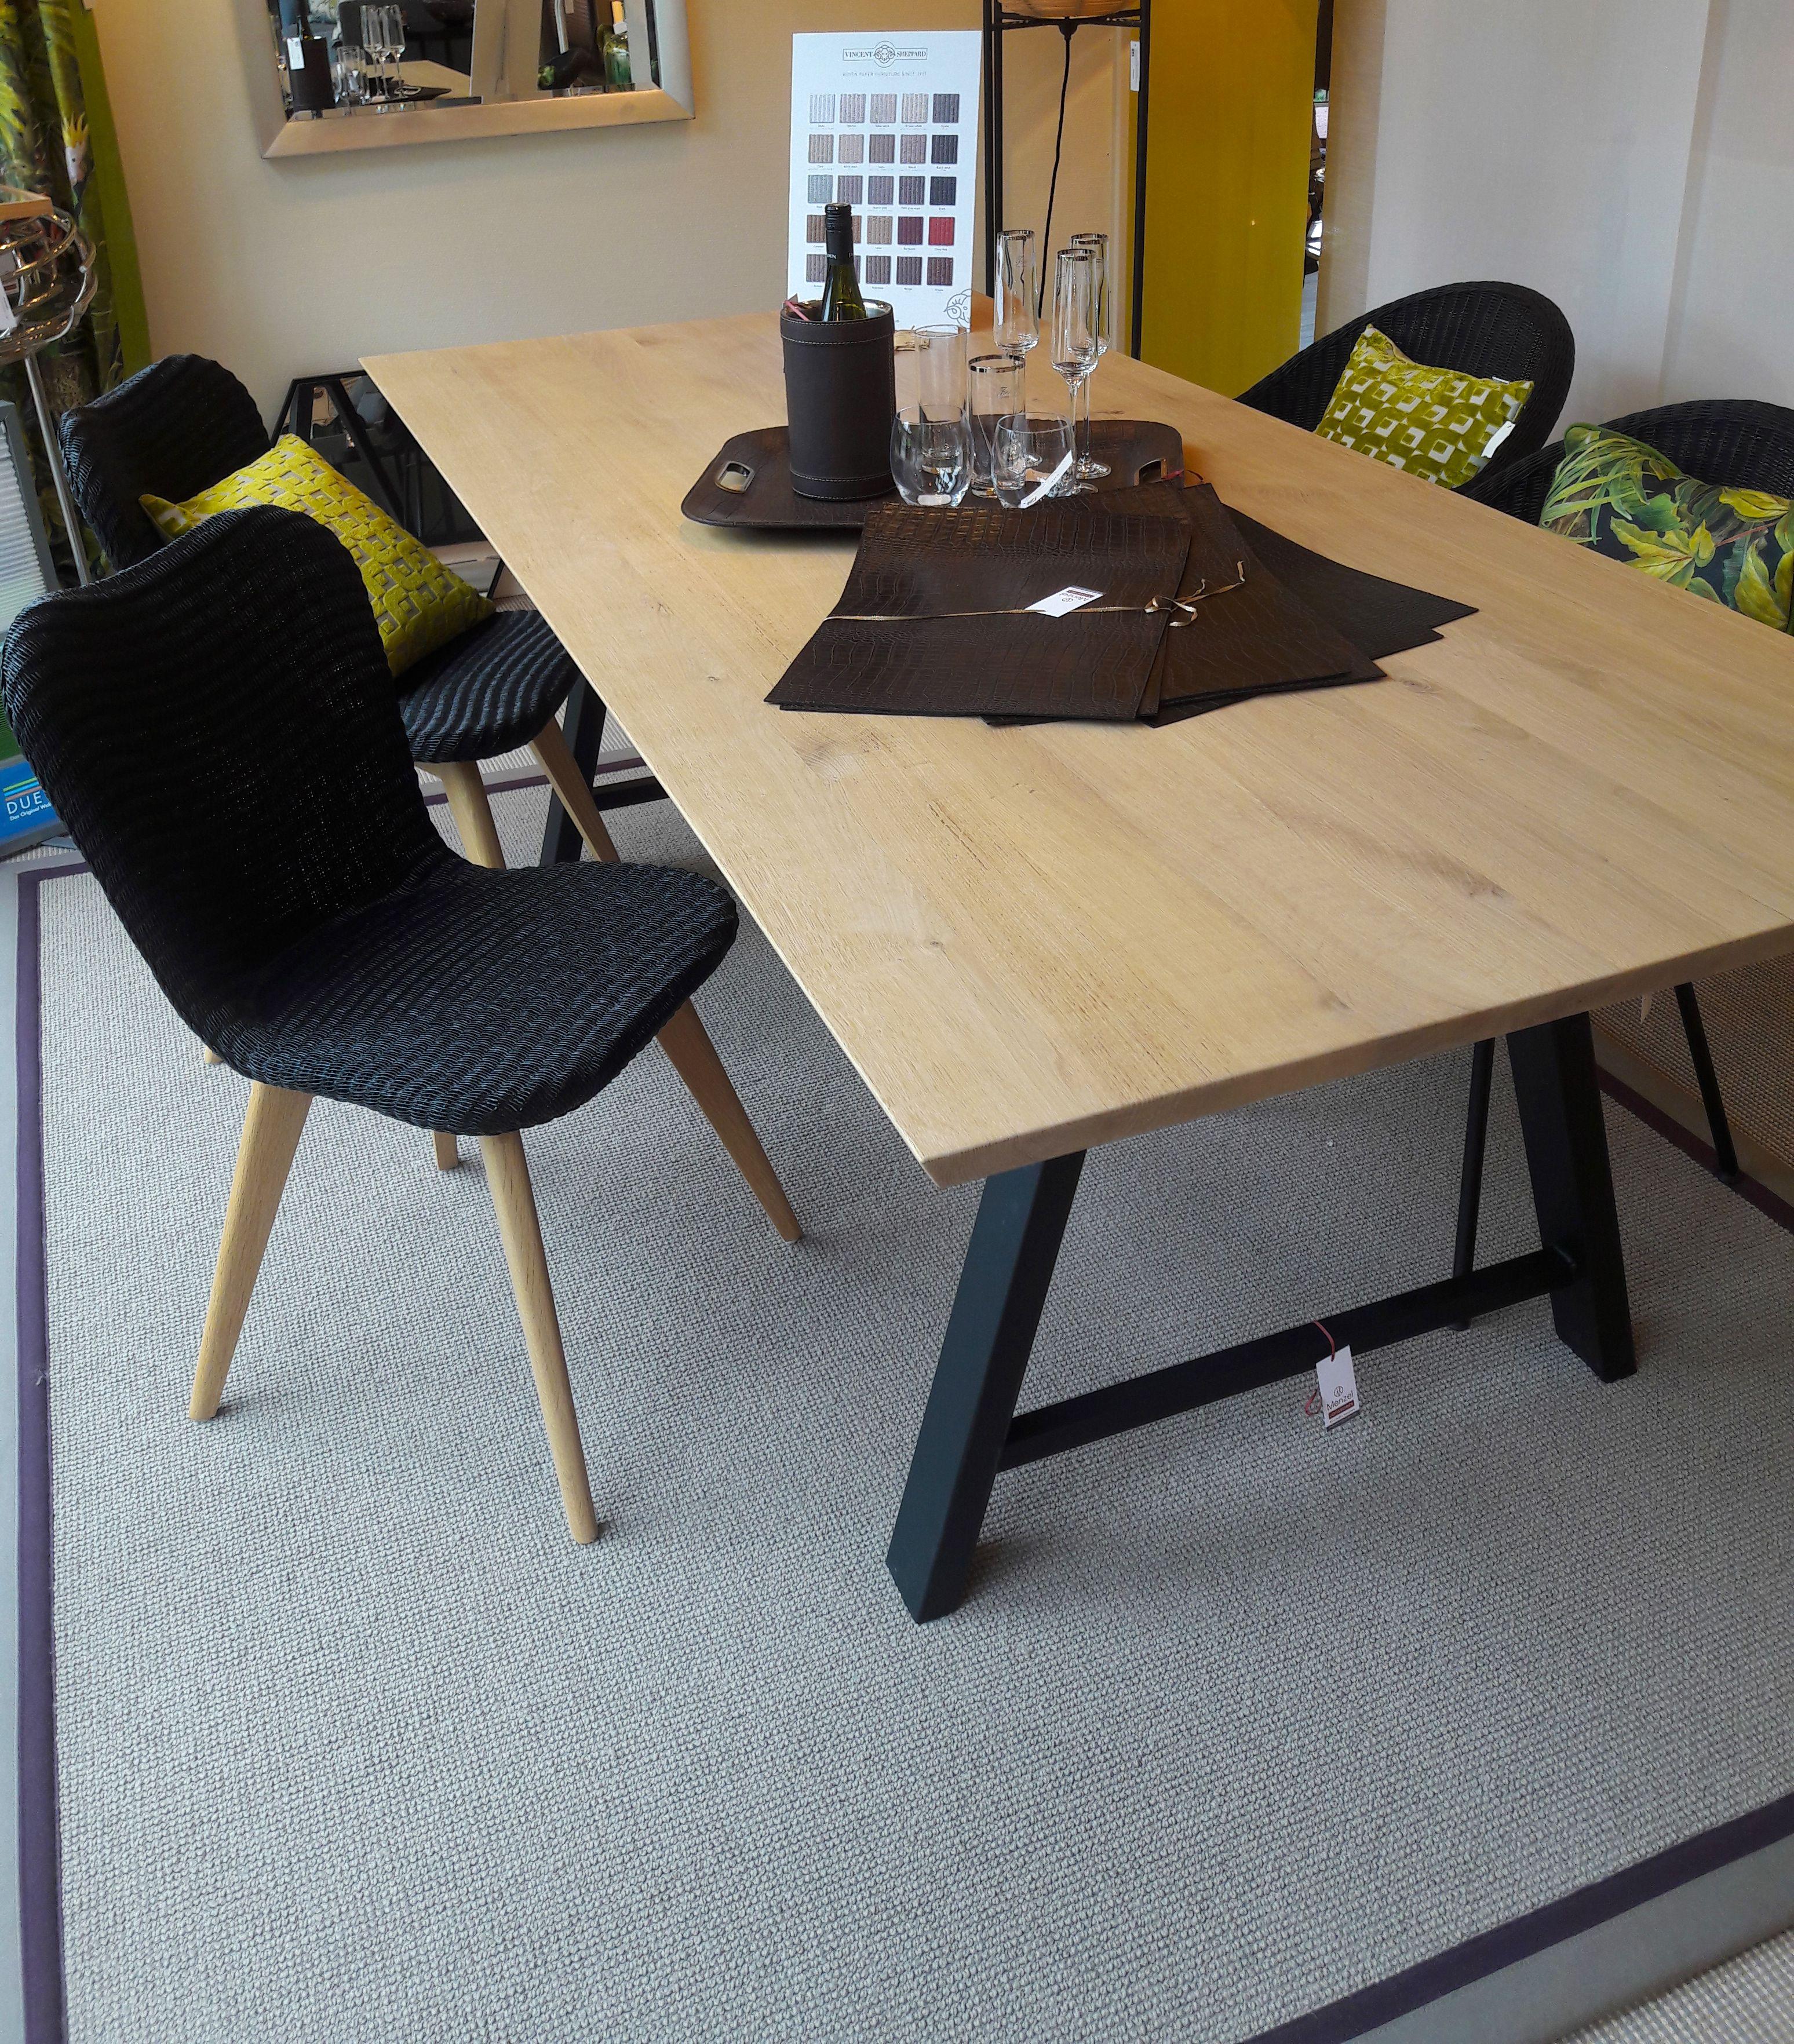 Esszimmer Holz Esstisch Stühle Hochwertige Möbel Esstisch Stühle Stühle